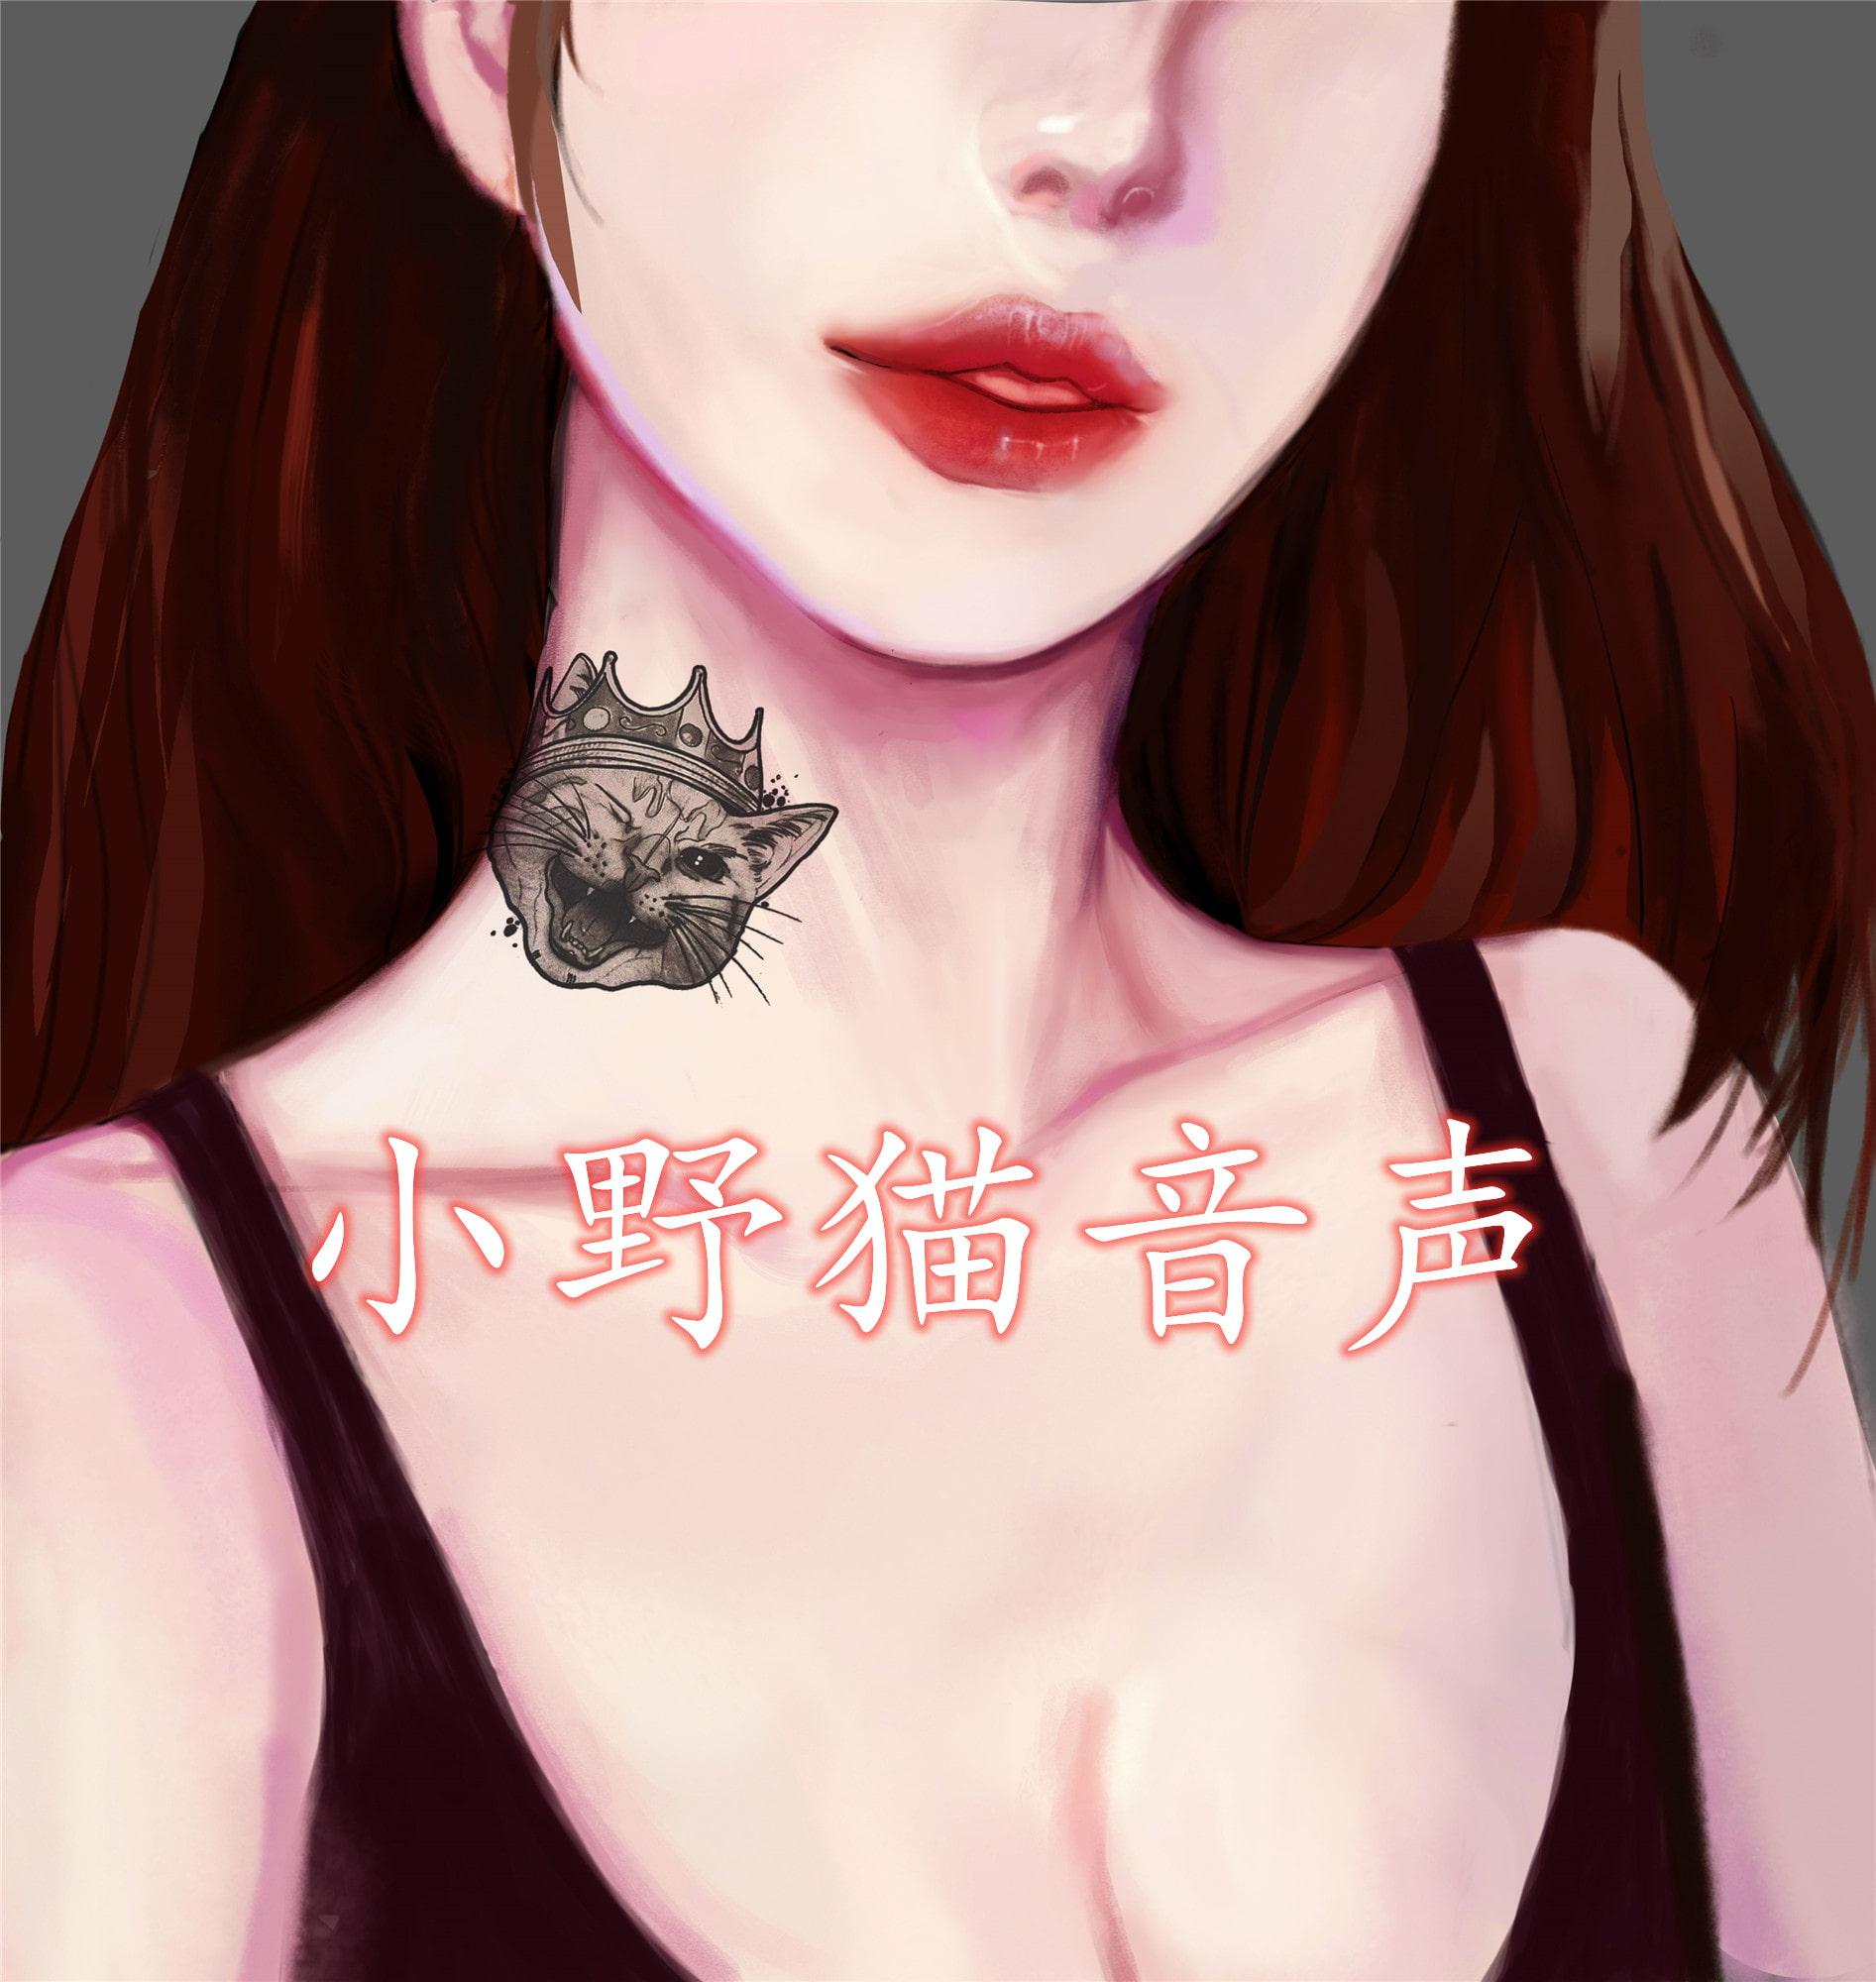 小野猫音声 催眠剧情 屌丝复仇 CV嫣然